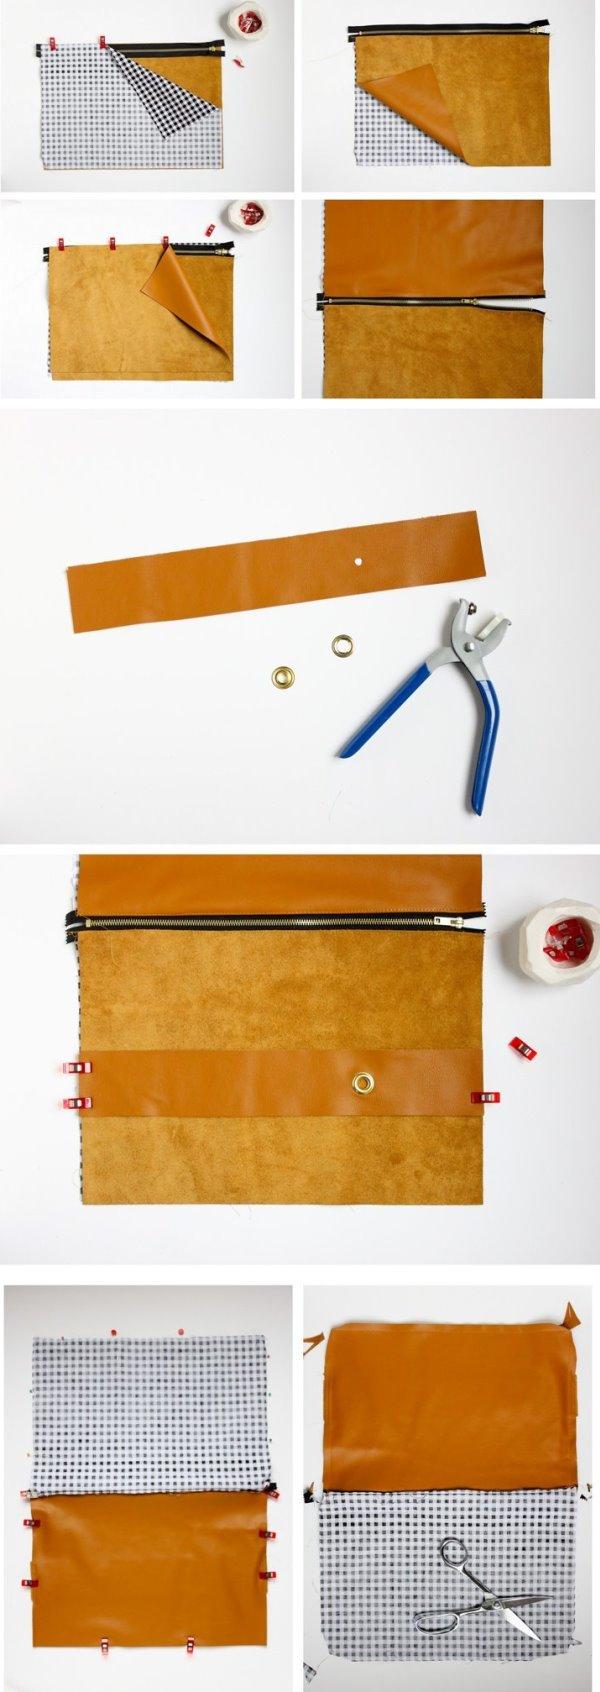 клатч своими руками, сумка конверт, сумка своими руками, полезное рукоделие, поделки из кожи,